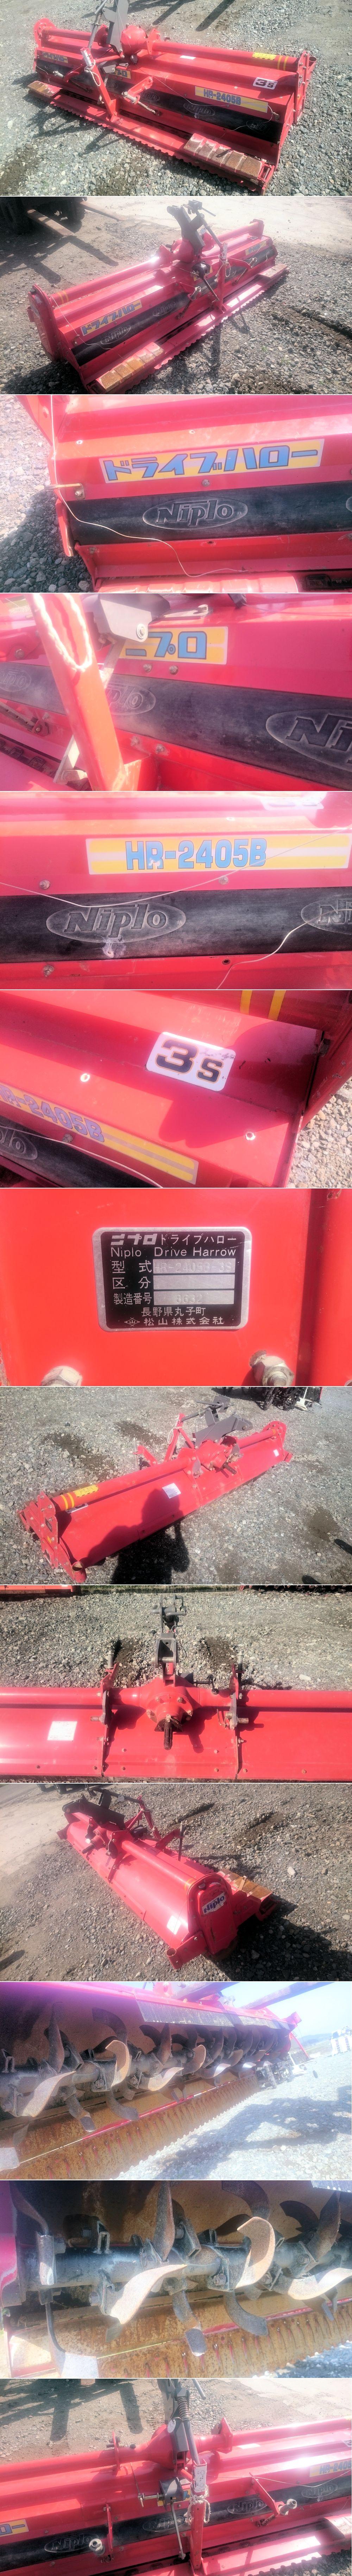 ニプロ ドライブハロー 代掻き HR-2405B-3S 実働品 中古品 現状